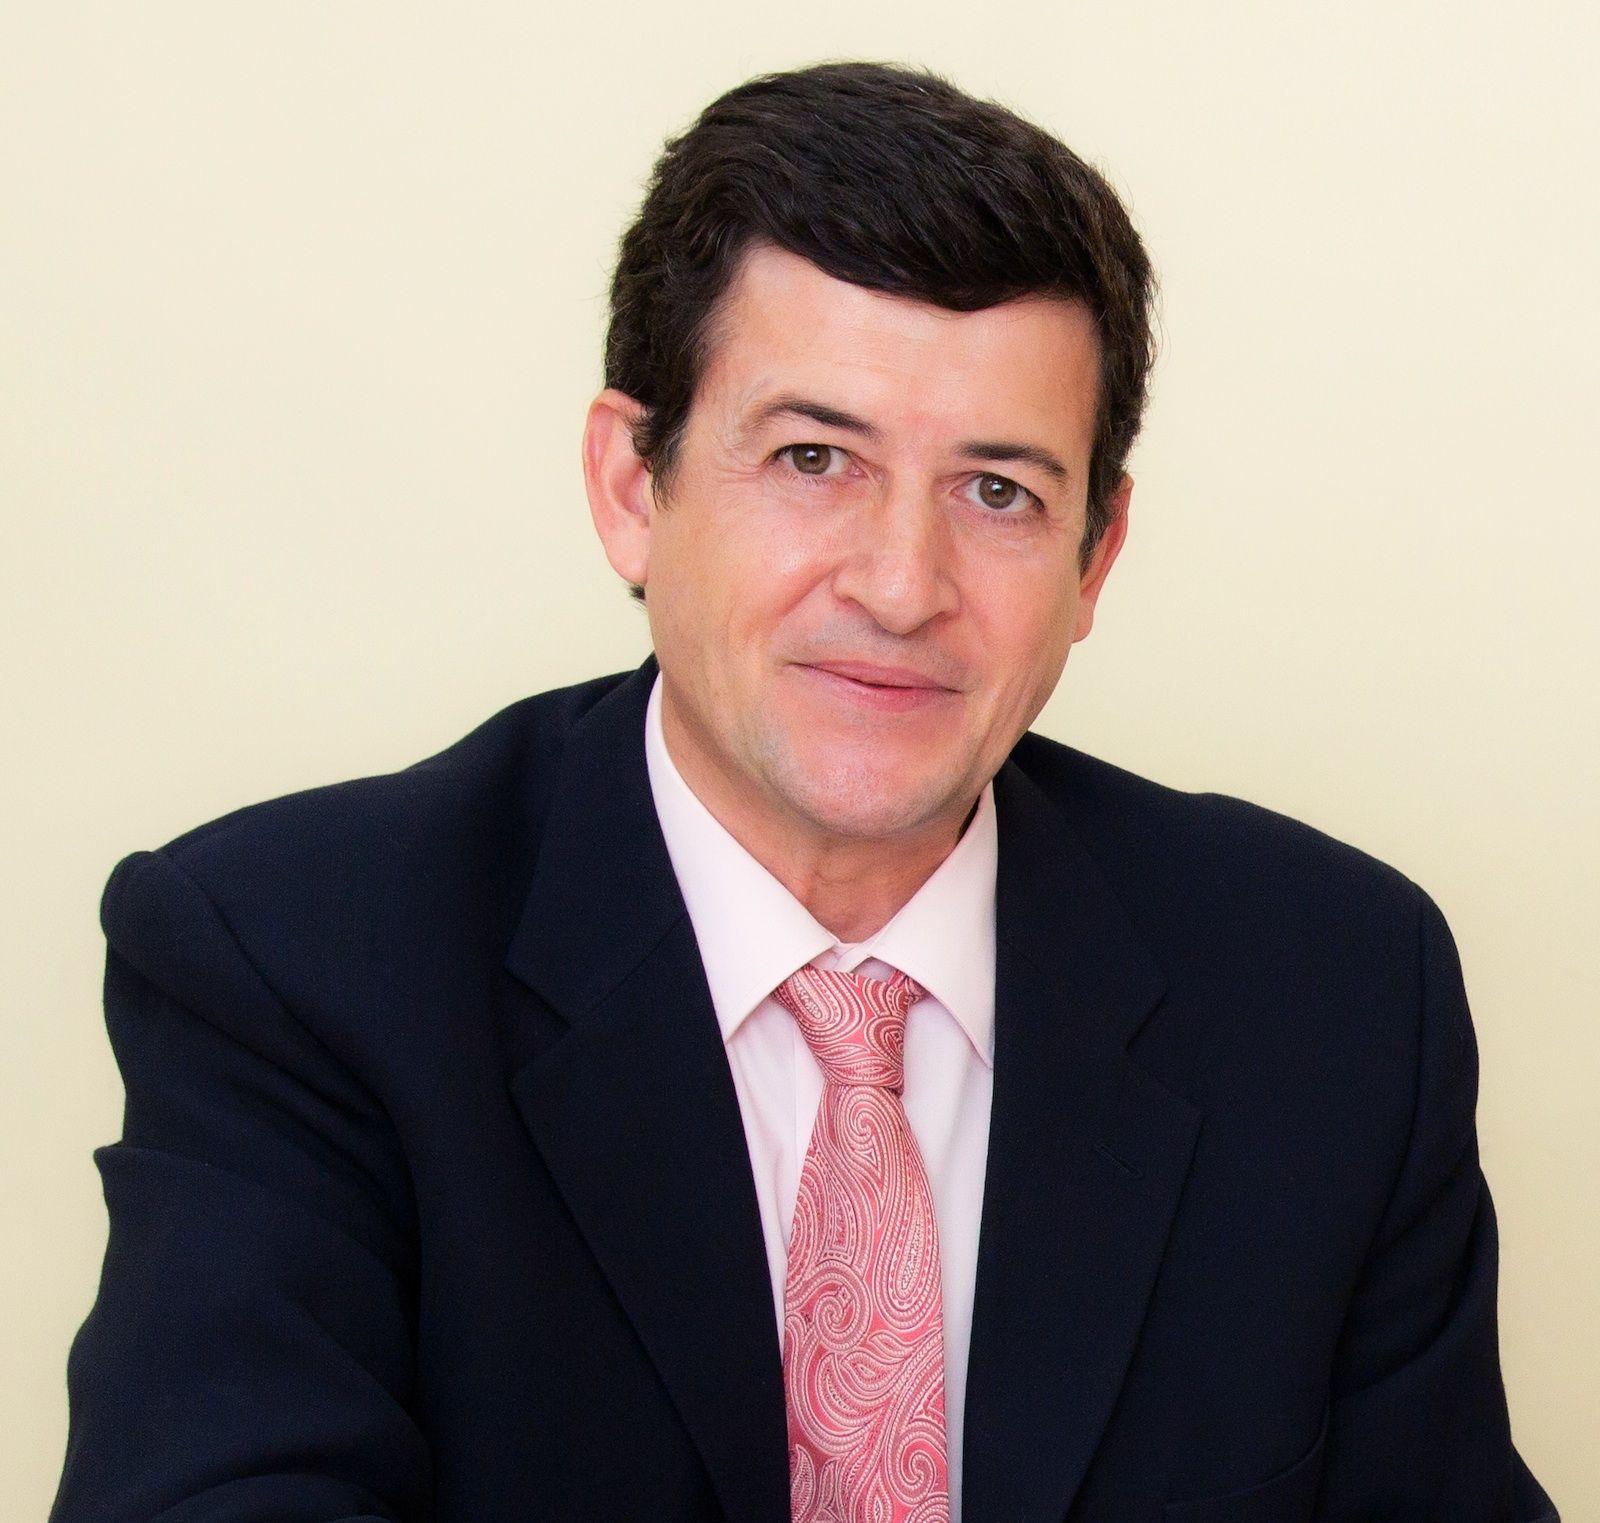 Manuel Sos, alumno del Grado en Fisioterapia de la Universidad CEU Cardenal Herrera.